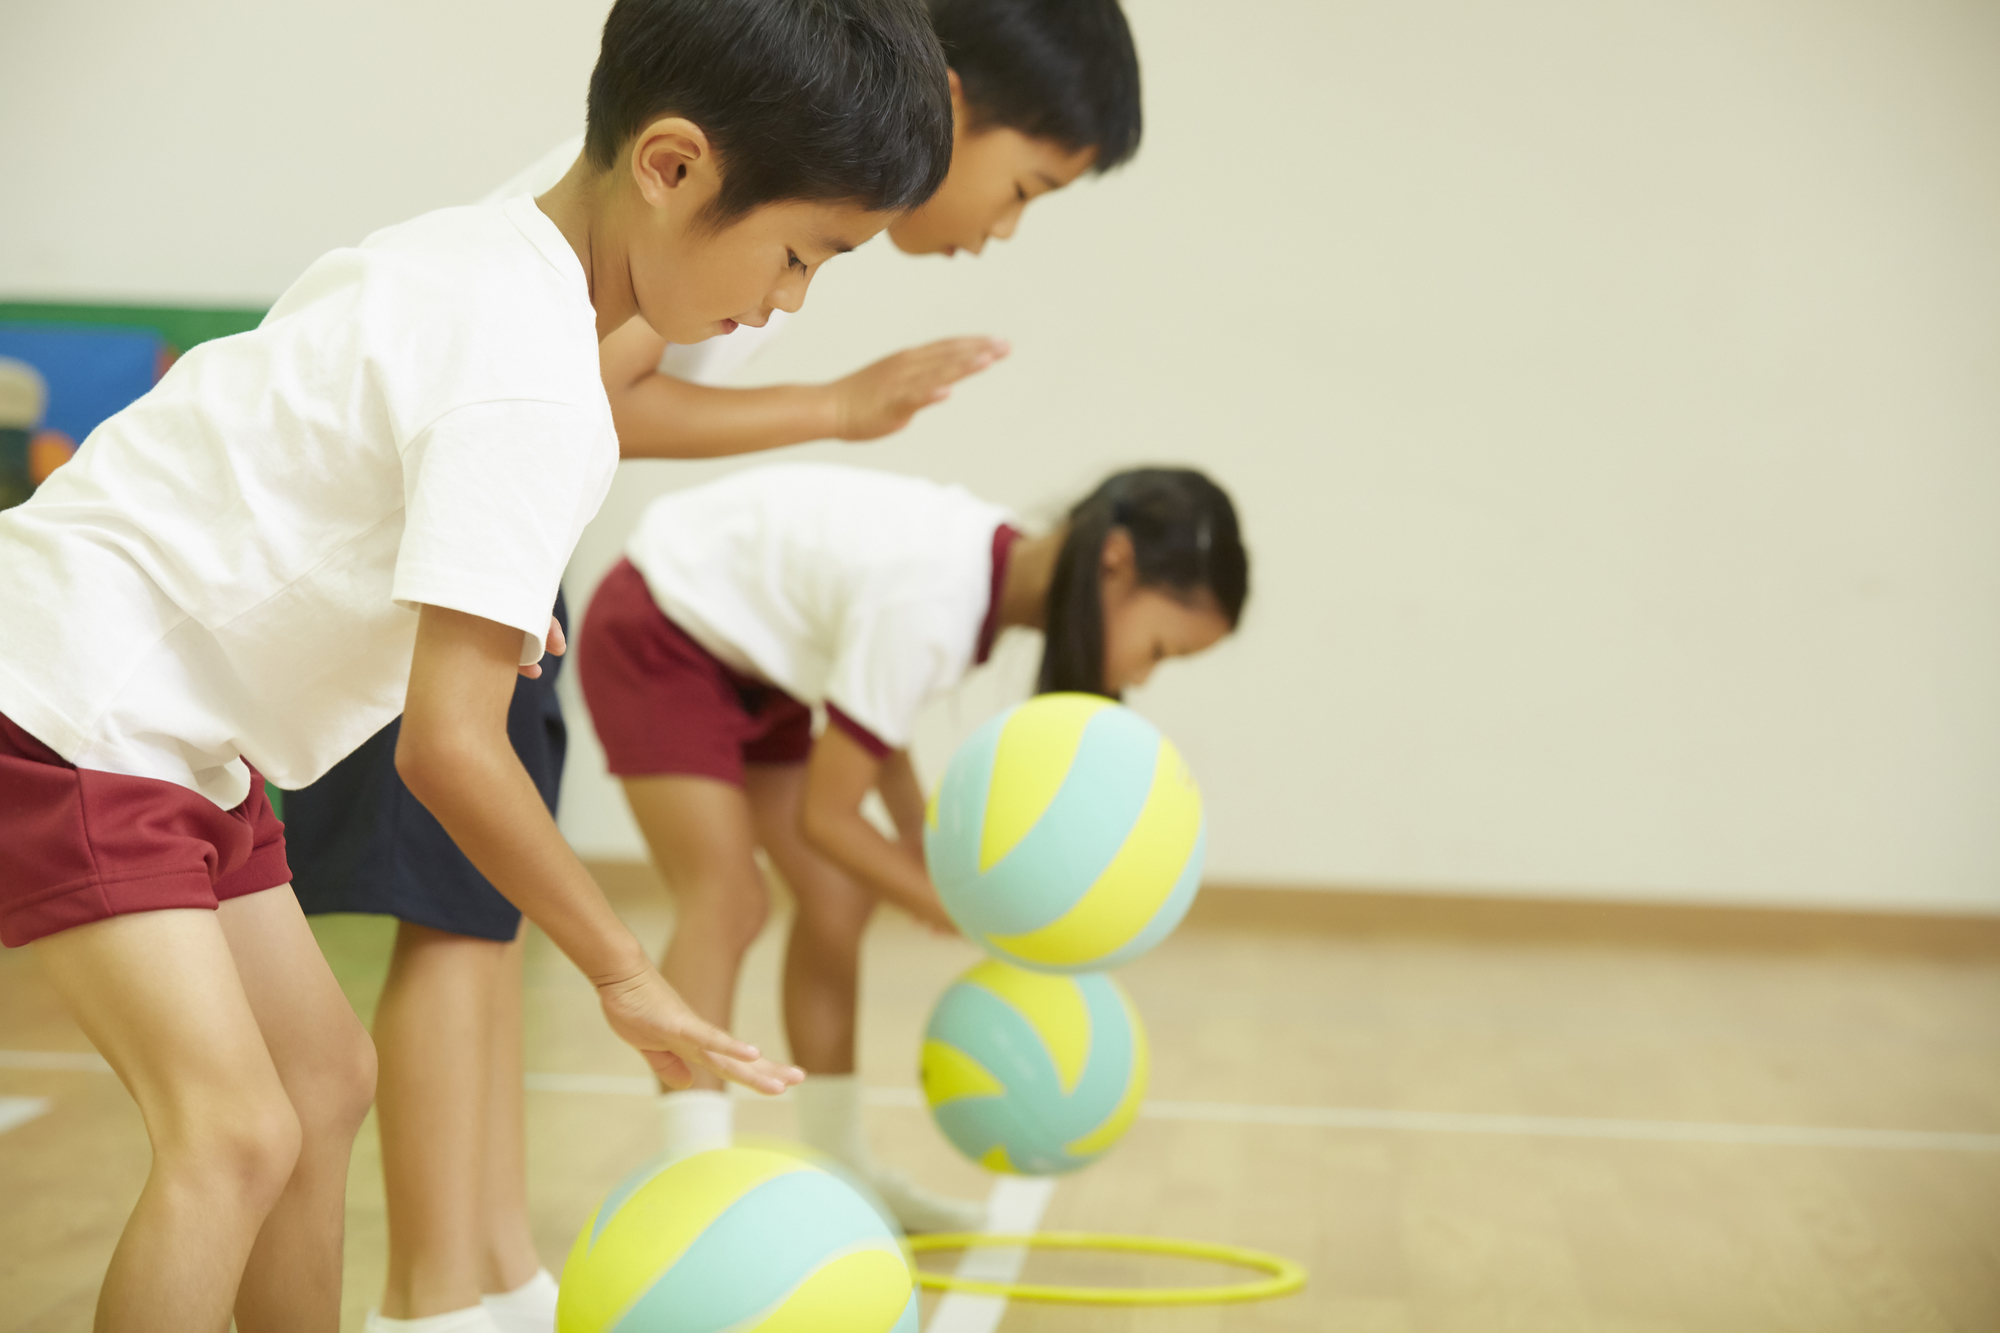 ゴールデンエイジ期のコーディネーショントレーニングとは。運動神経と ...